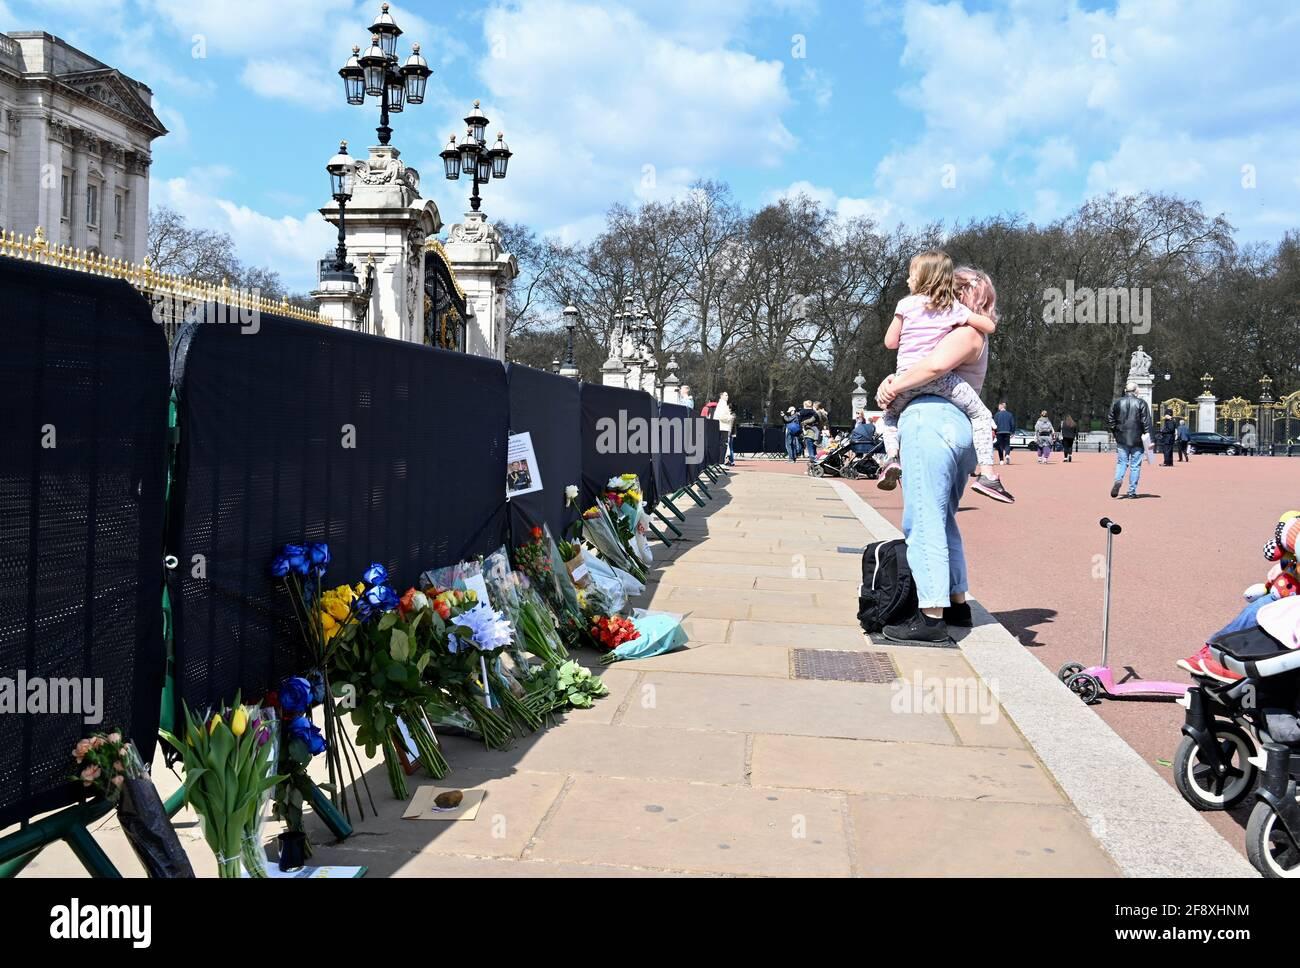 Les adeptes de puits royaux ont laissé des hommages floraux pour le duc d'Édimbourg après sa mort le 09.04.2021.On a demandé aux amateurs de coursiers de rester à l'écart des résidences royales en raison de la pandémie du coronavirus. Buckingham Palace, Londres. ROYAUME-UNI Banque D'Images